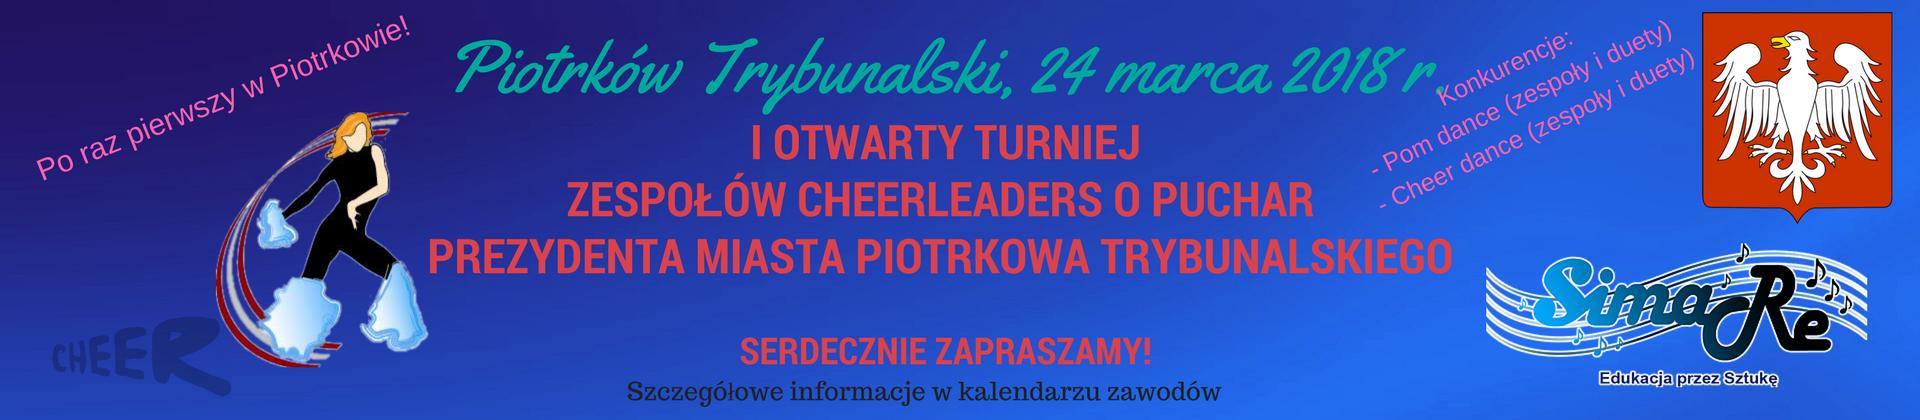 I OTWARTY TURNIEJ CHEERLEADERS PIOTRKÓW TRYBUNALSKI